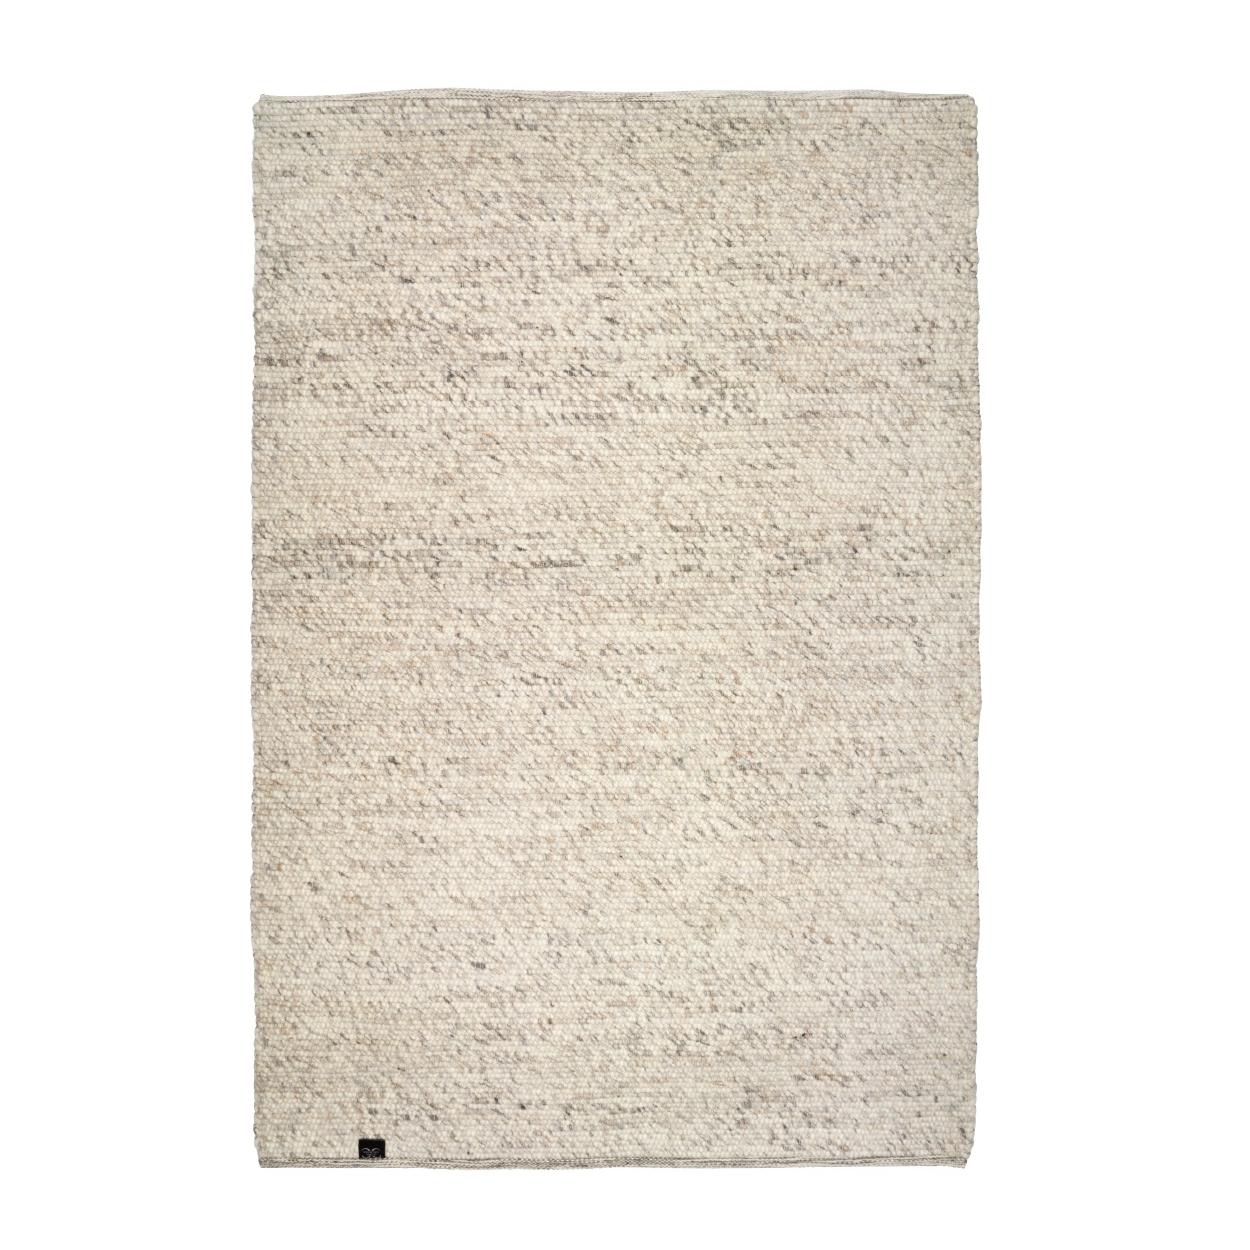 Ullmatta Merino beige 300 x 400 Classic Collection